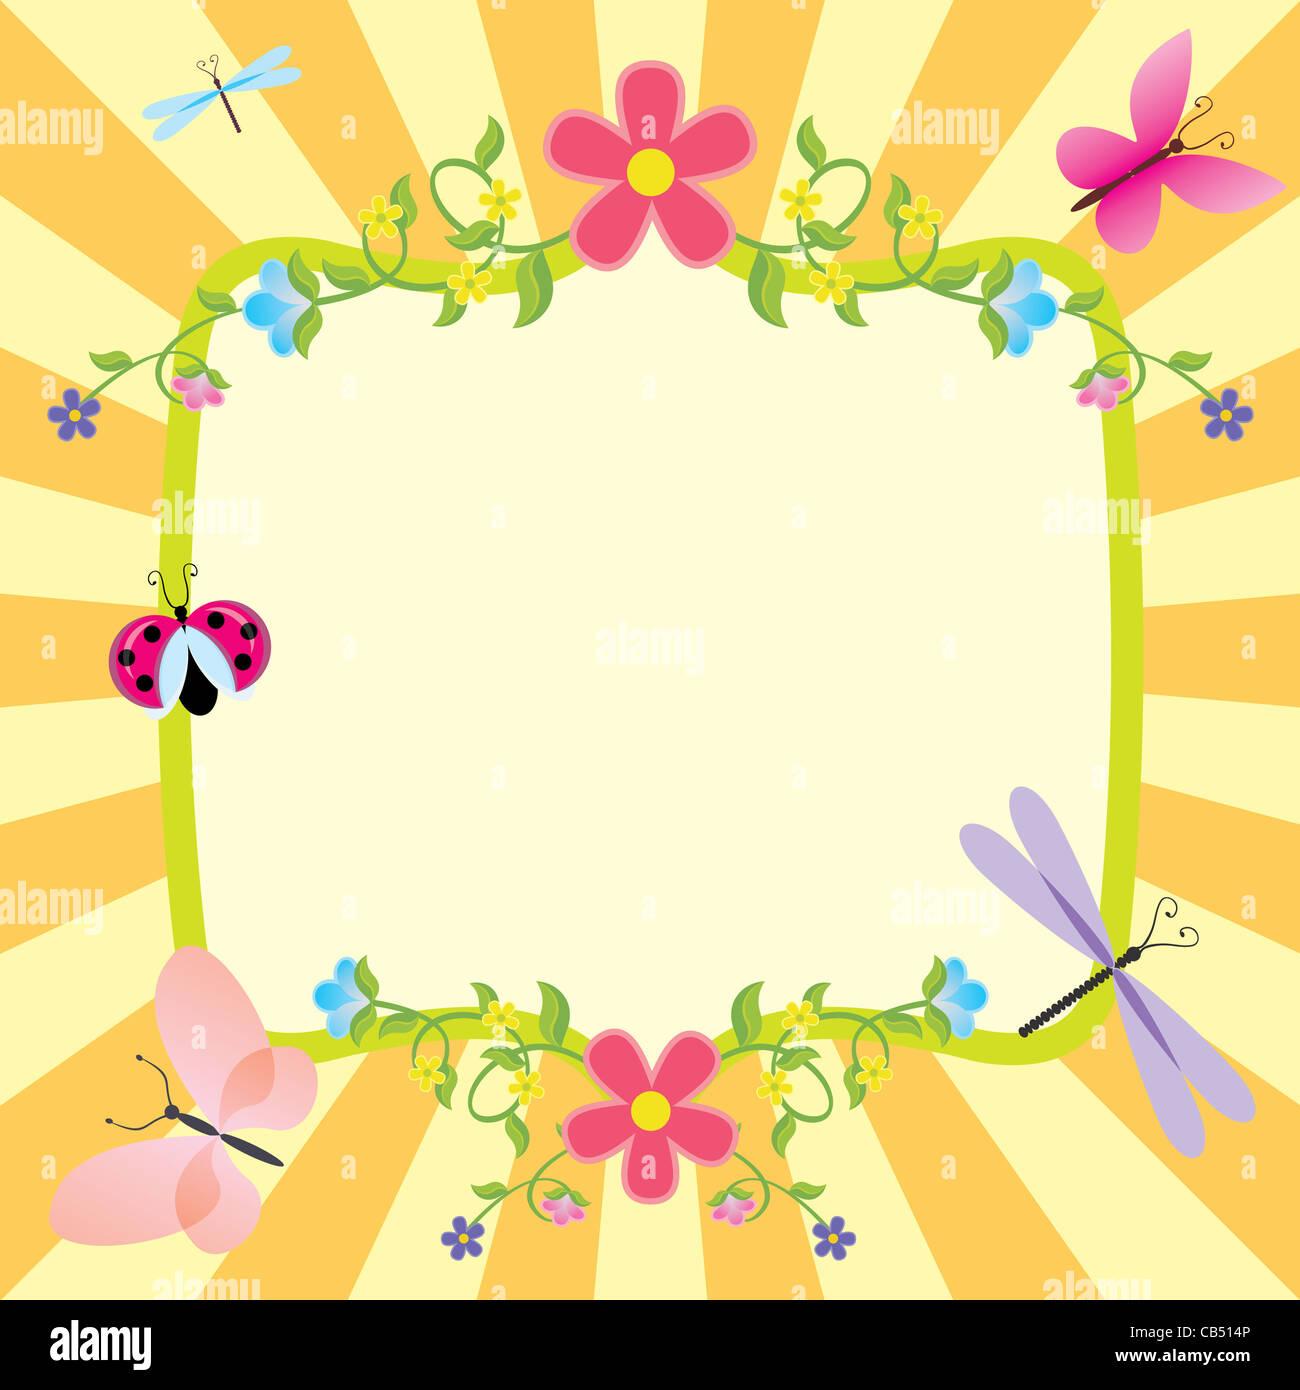 Cadre dessin animé de l'été ou printemps pâques Photo Stock